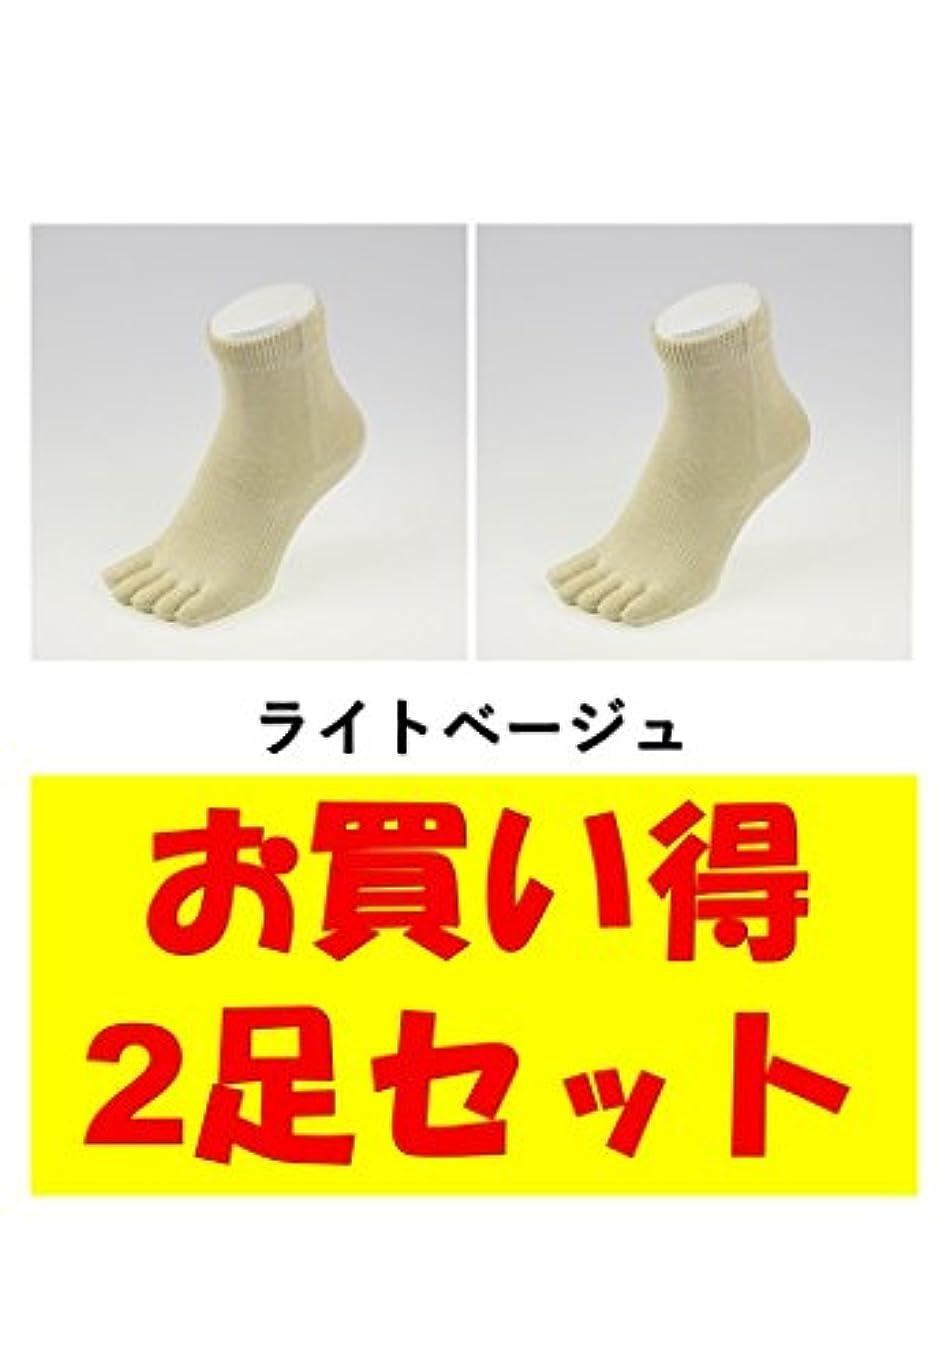 請求書枝マウスお買い得2足セット 5本指 ゆびのばソックス Neo EVE(イヴ) ライトベージュ Sサイズ(21.0cm - 24.0cm) YSNEVE-BGE